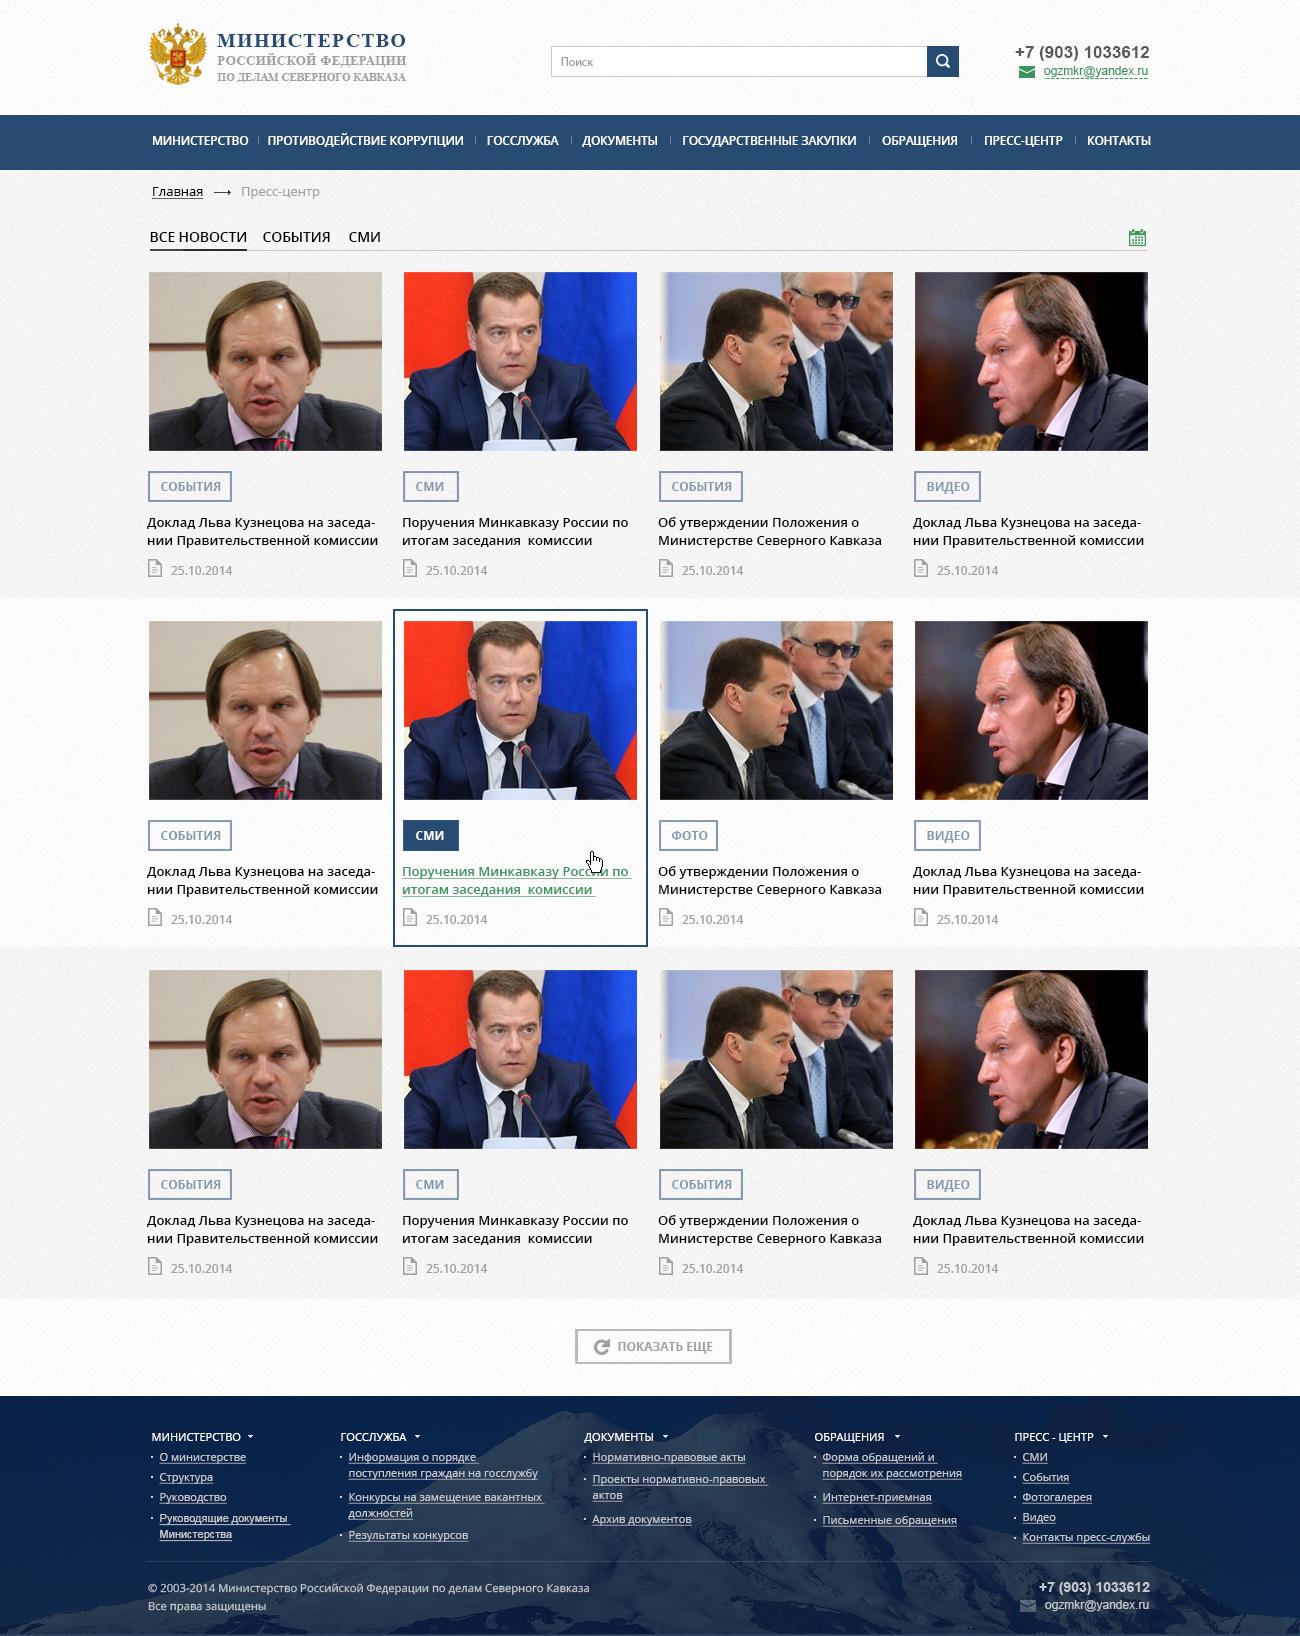 Разработка дизайна внутренних страниц для Министерства по делам Северного Кавказа